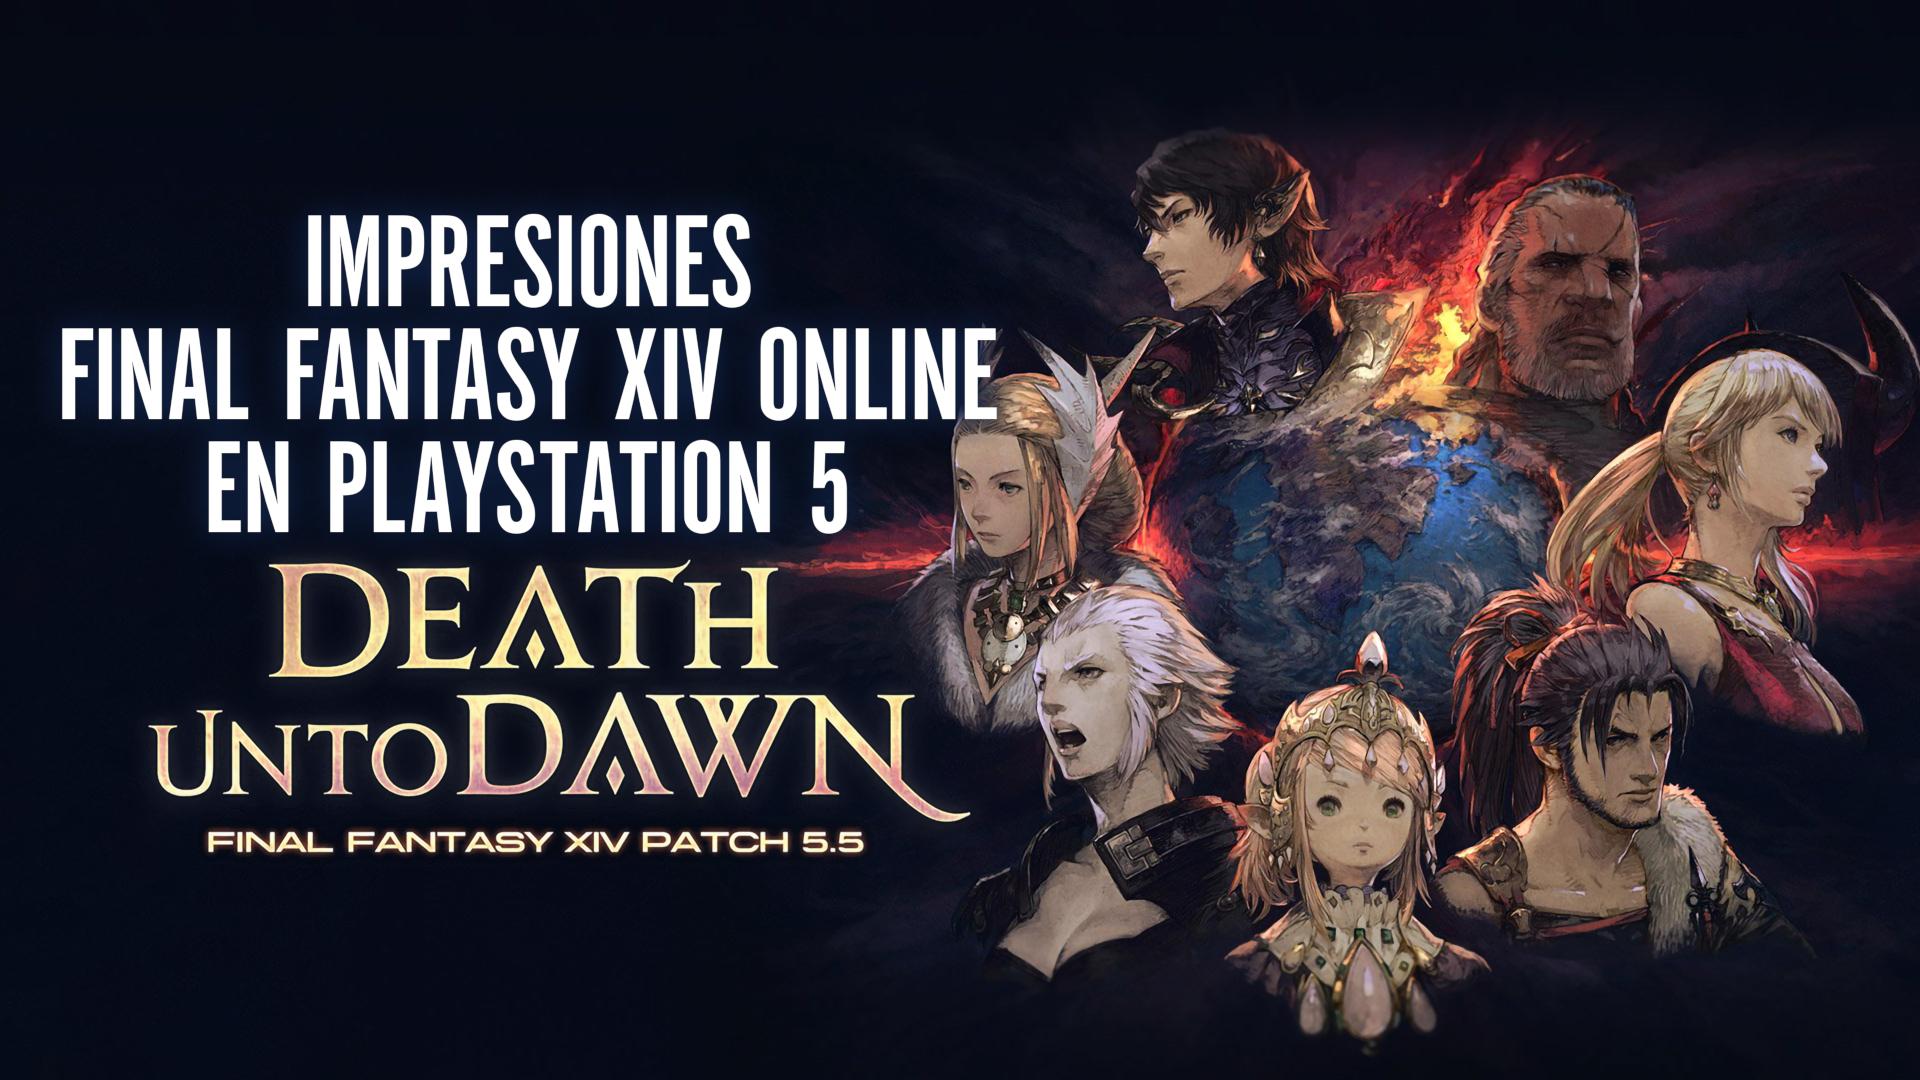 Impresiones Final Fantasy XIV Online en el PlayStation 5